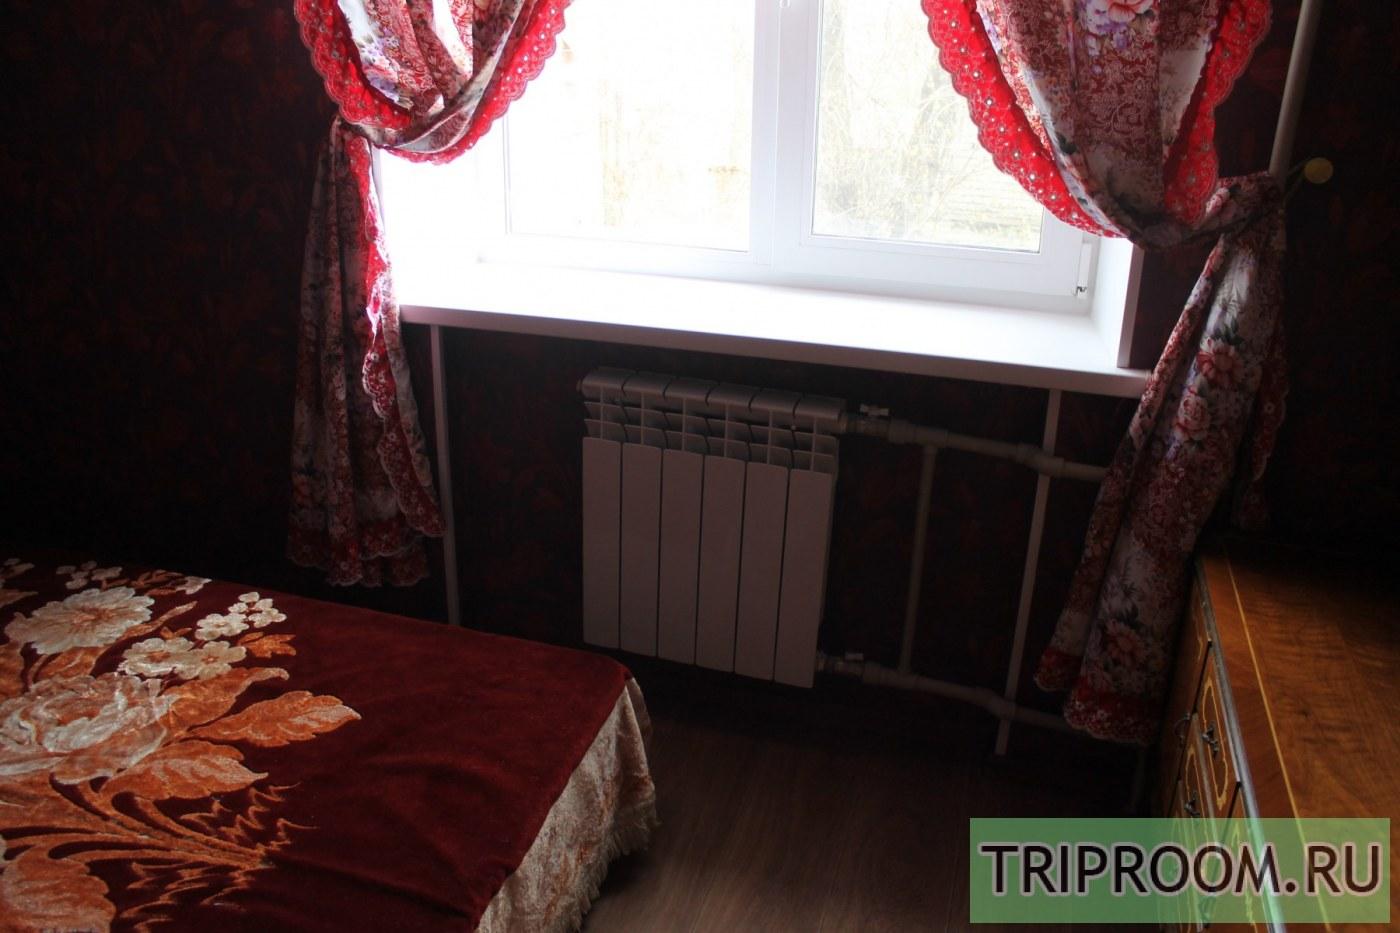 2-комнатная квартира посуточно (вариант № 40137), ул. Новоузенская улица, фото № 4